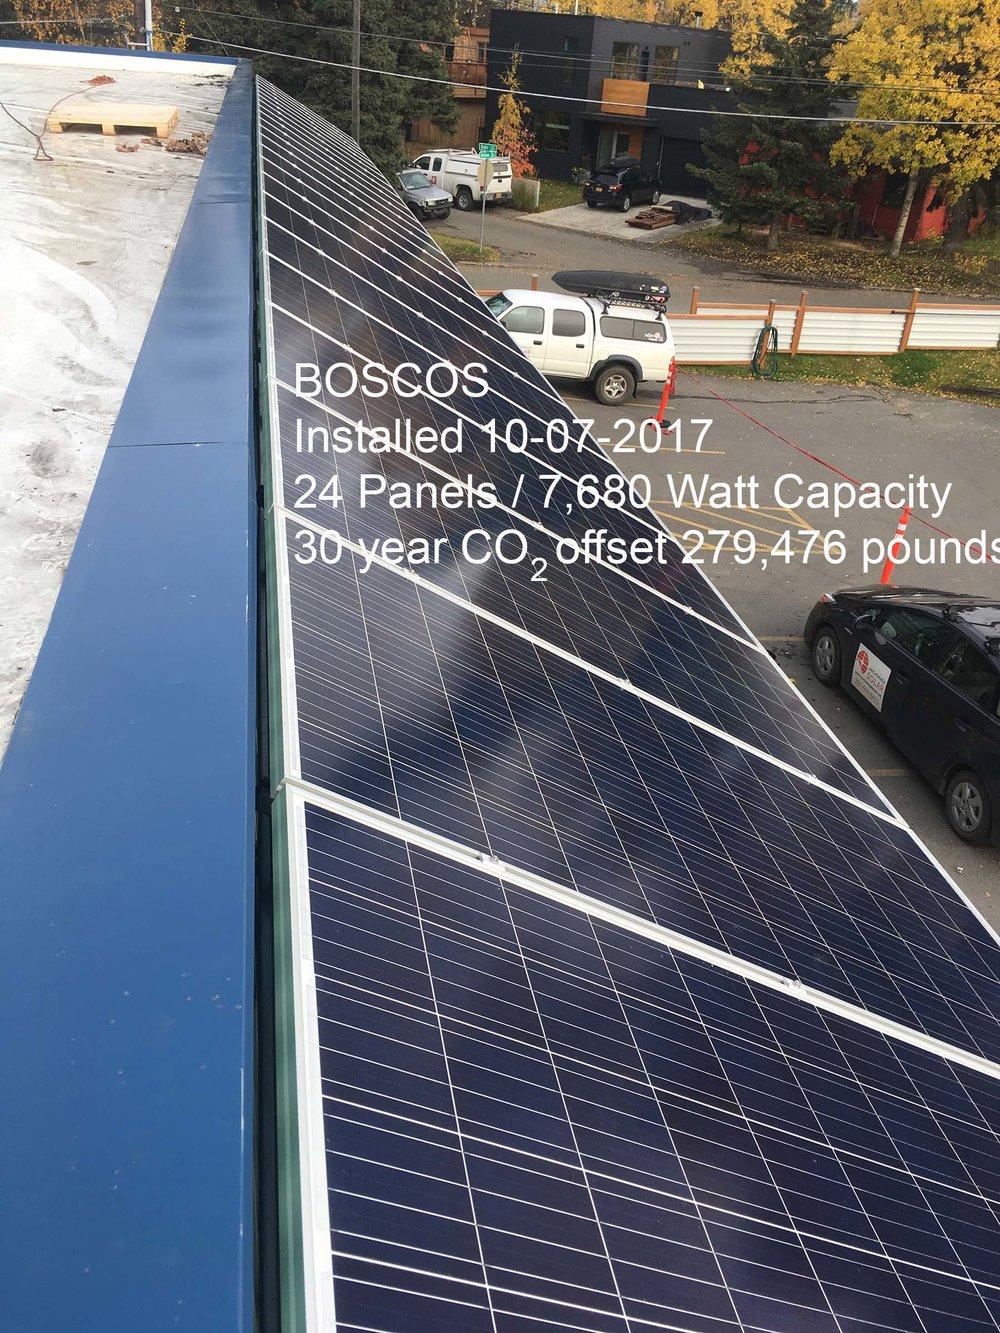 Boscos_1400.jpg